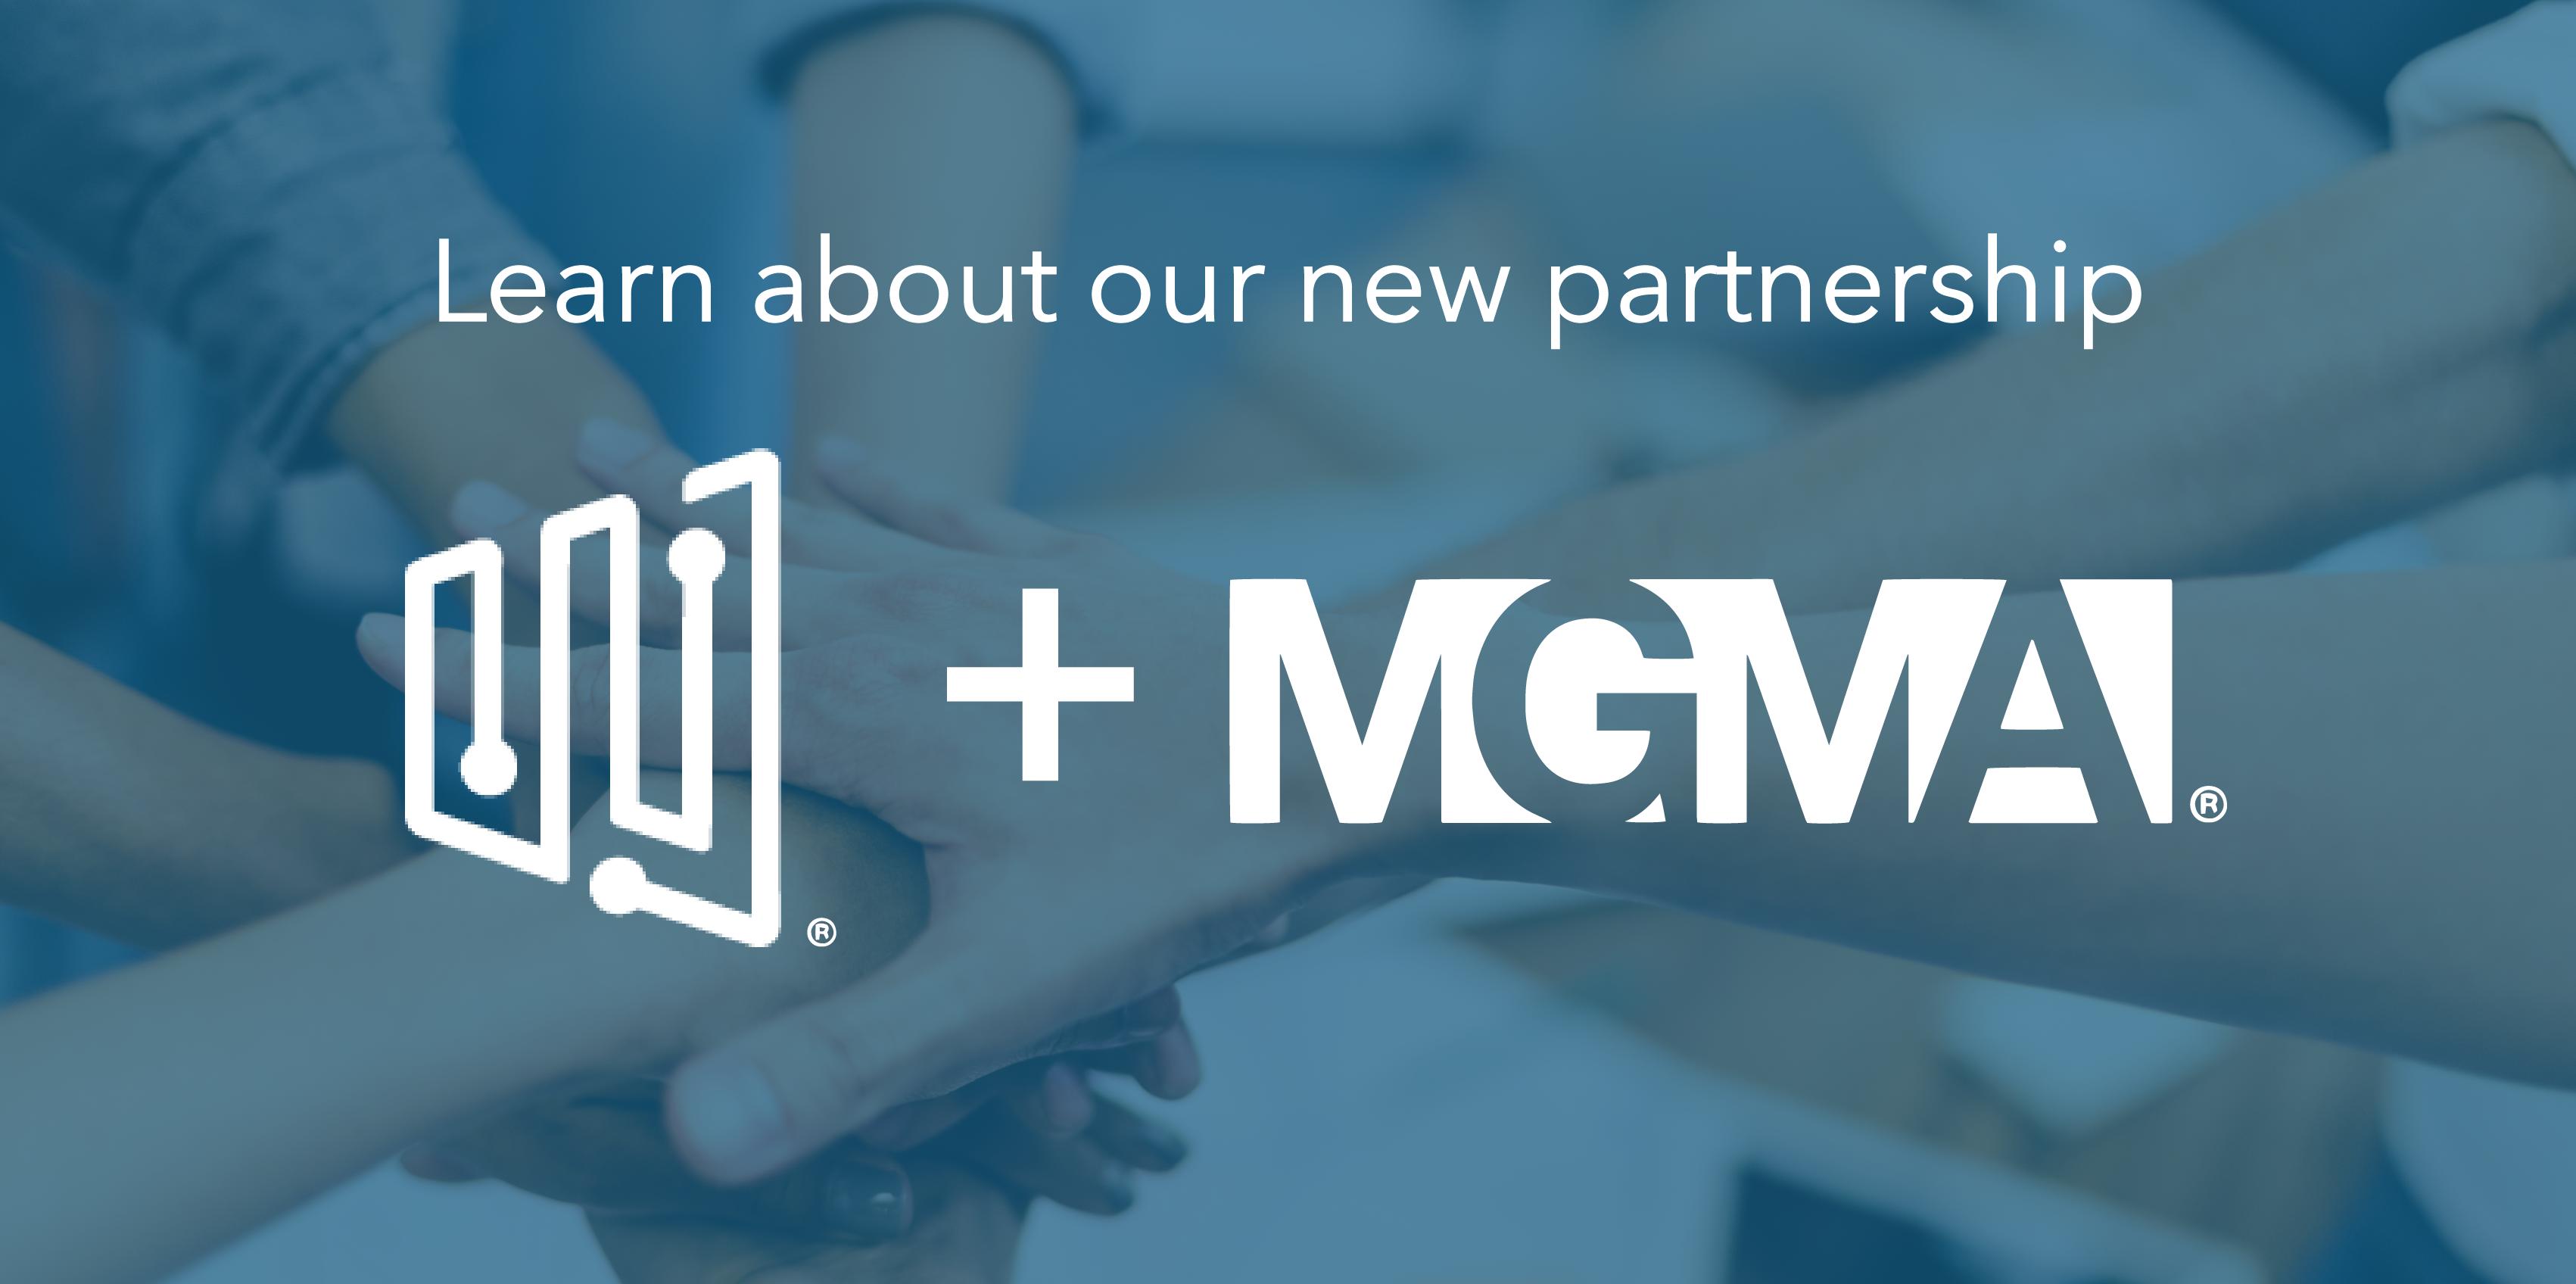 MGMA partnership ad-01